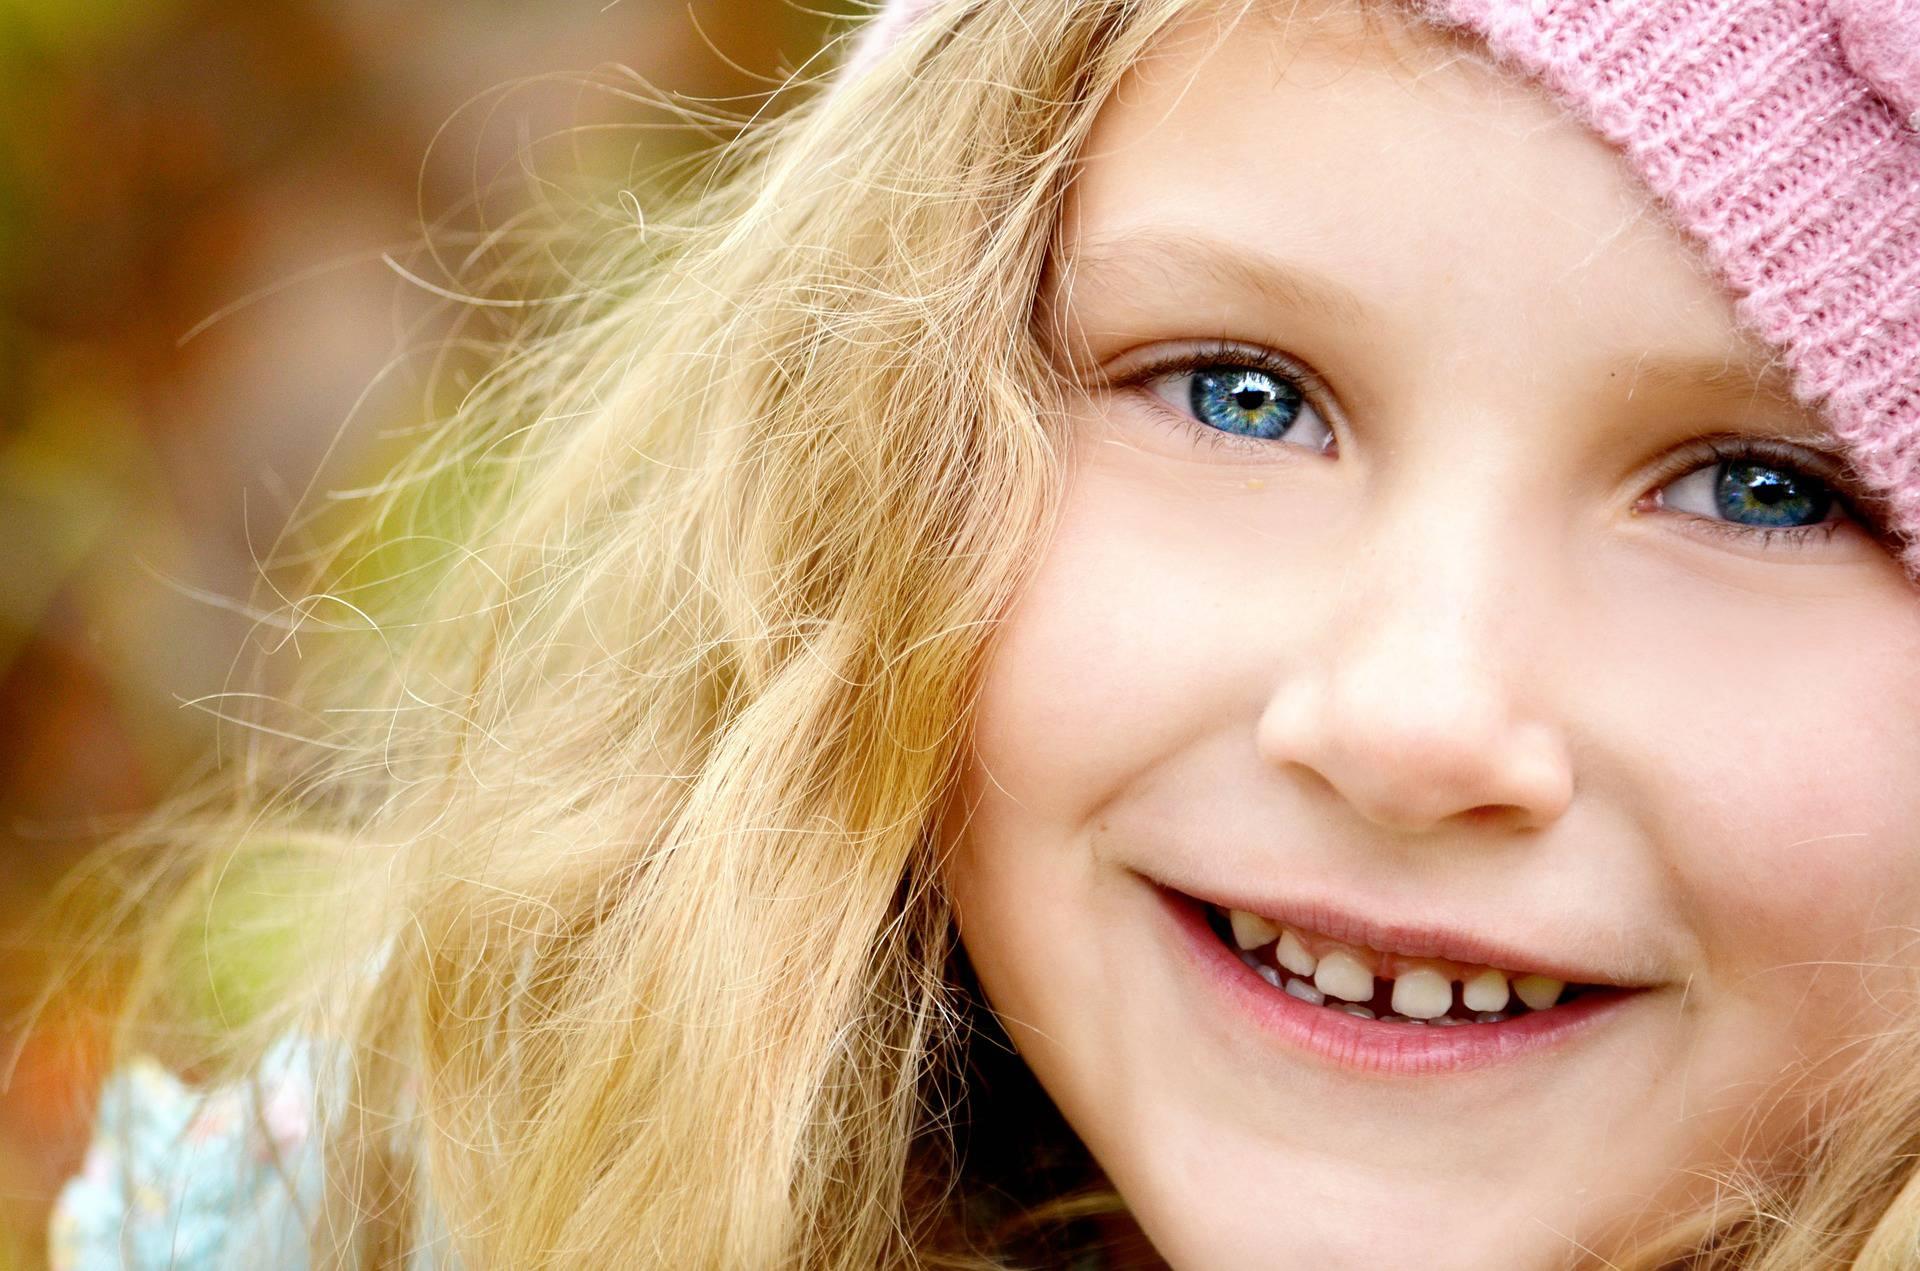 Ovako prepoznajte poremećaj mucanja kod djece i pomozite